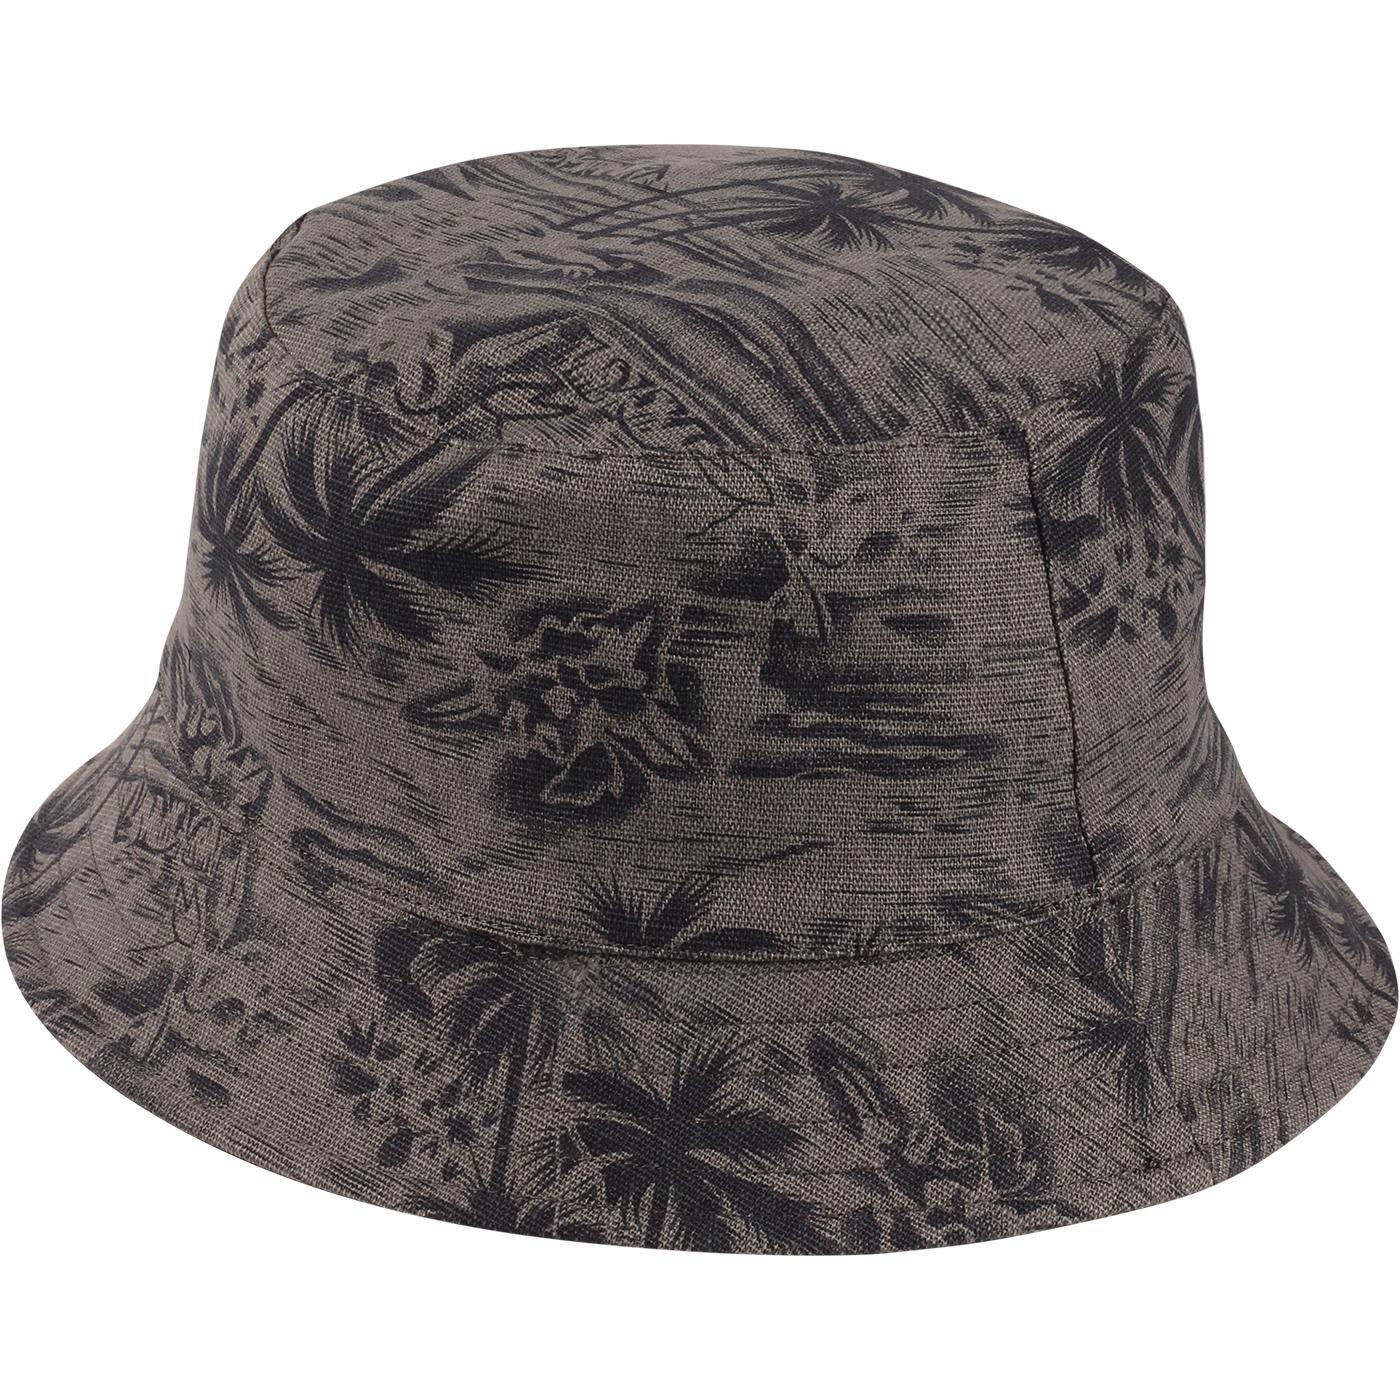 FAILSWORTH Cotton Reversible Floral Bucket Hat (N)